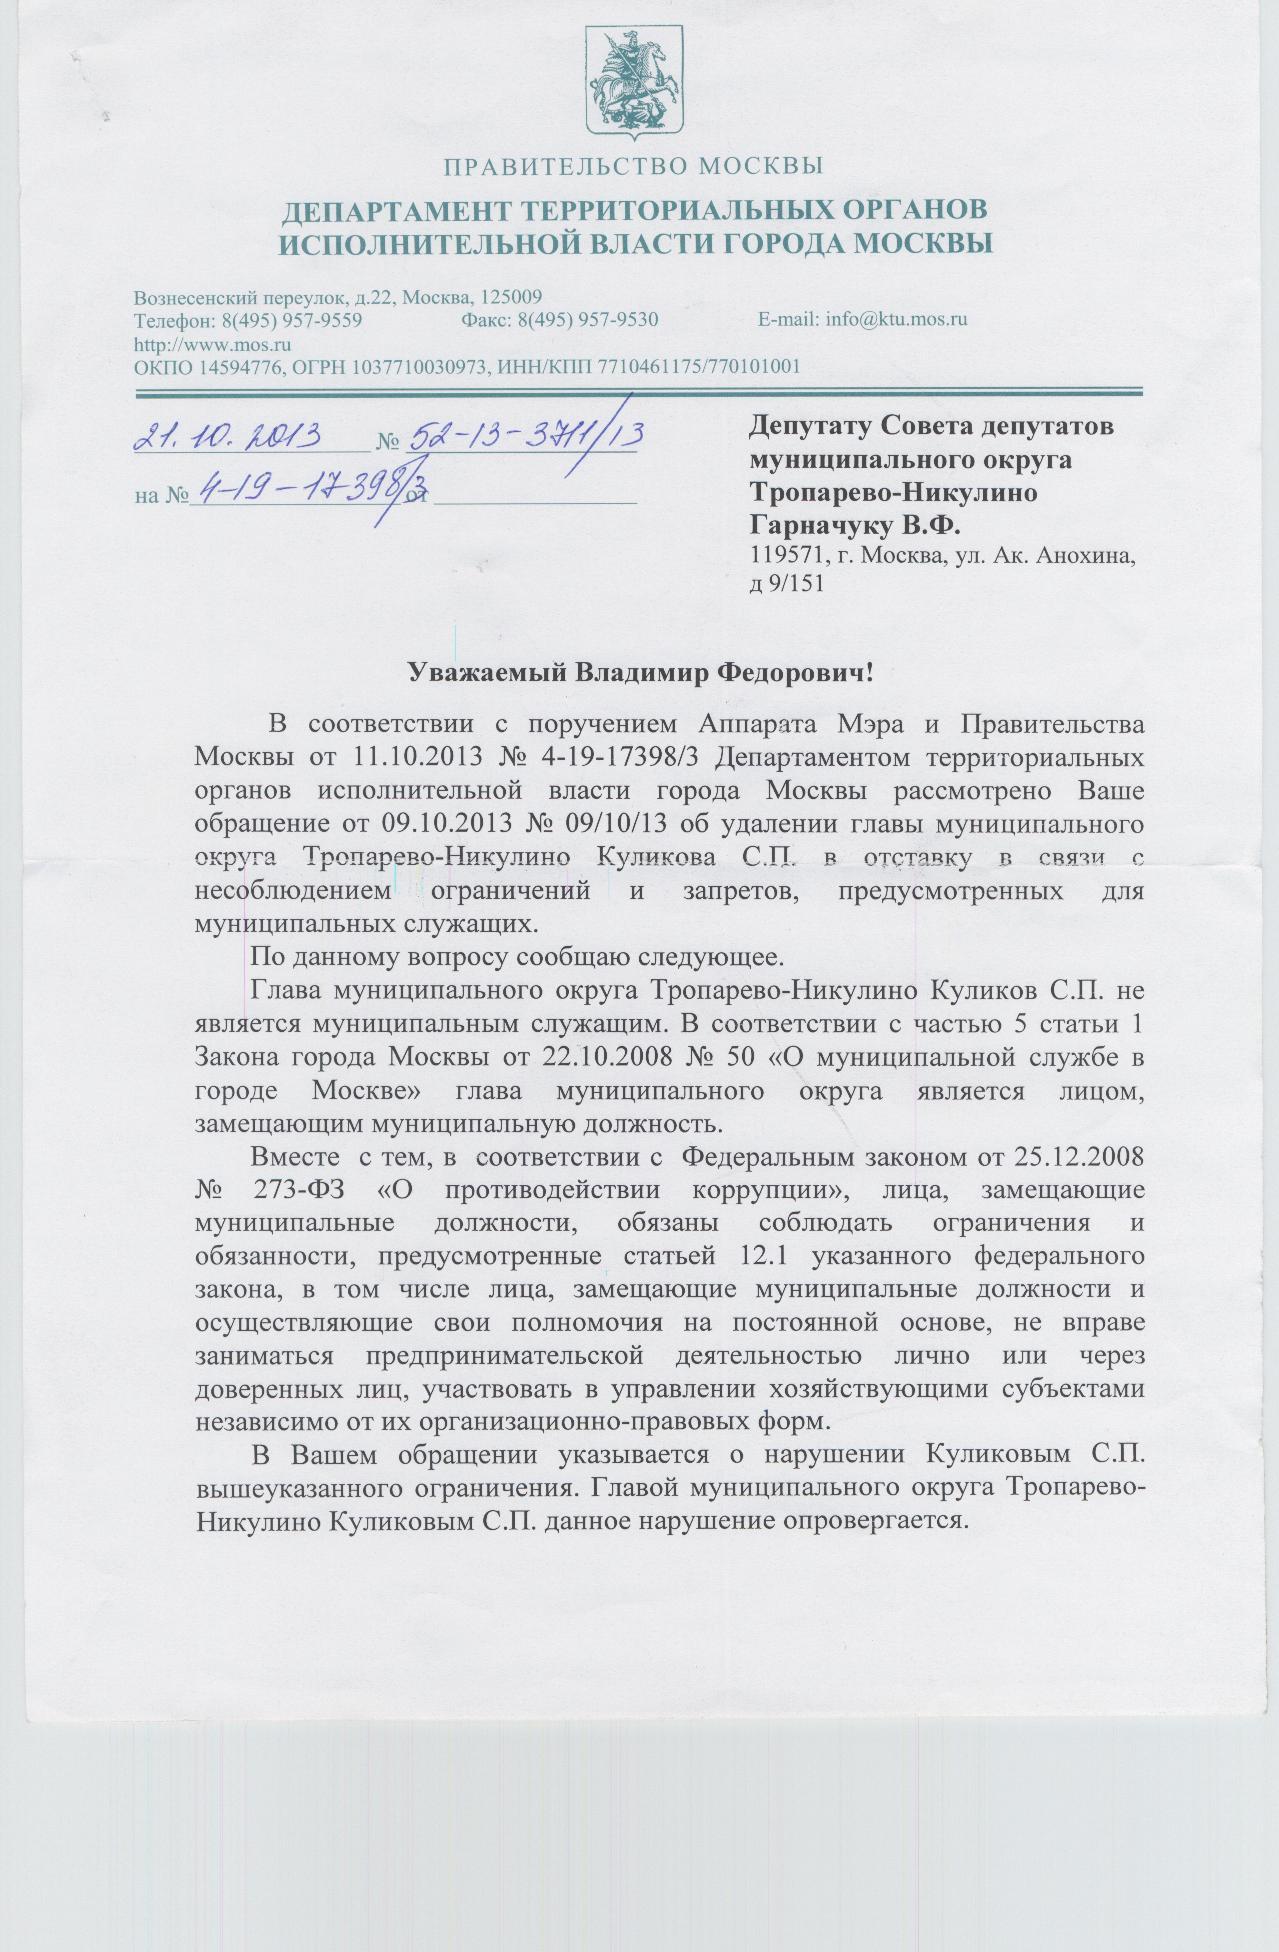 ответ ДТОИВ  по куликову   25.10.13 001